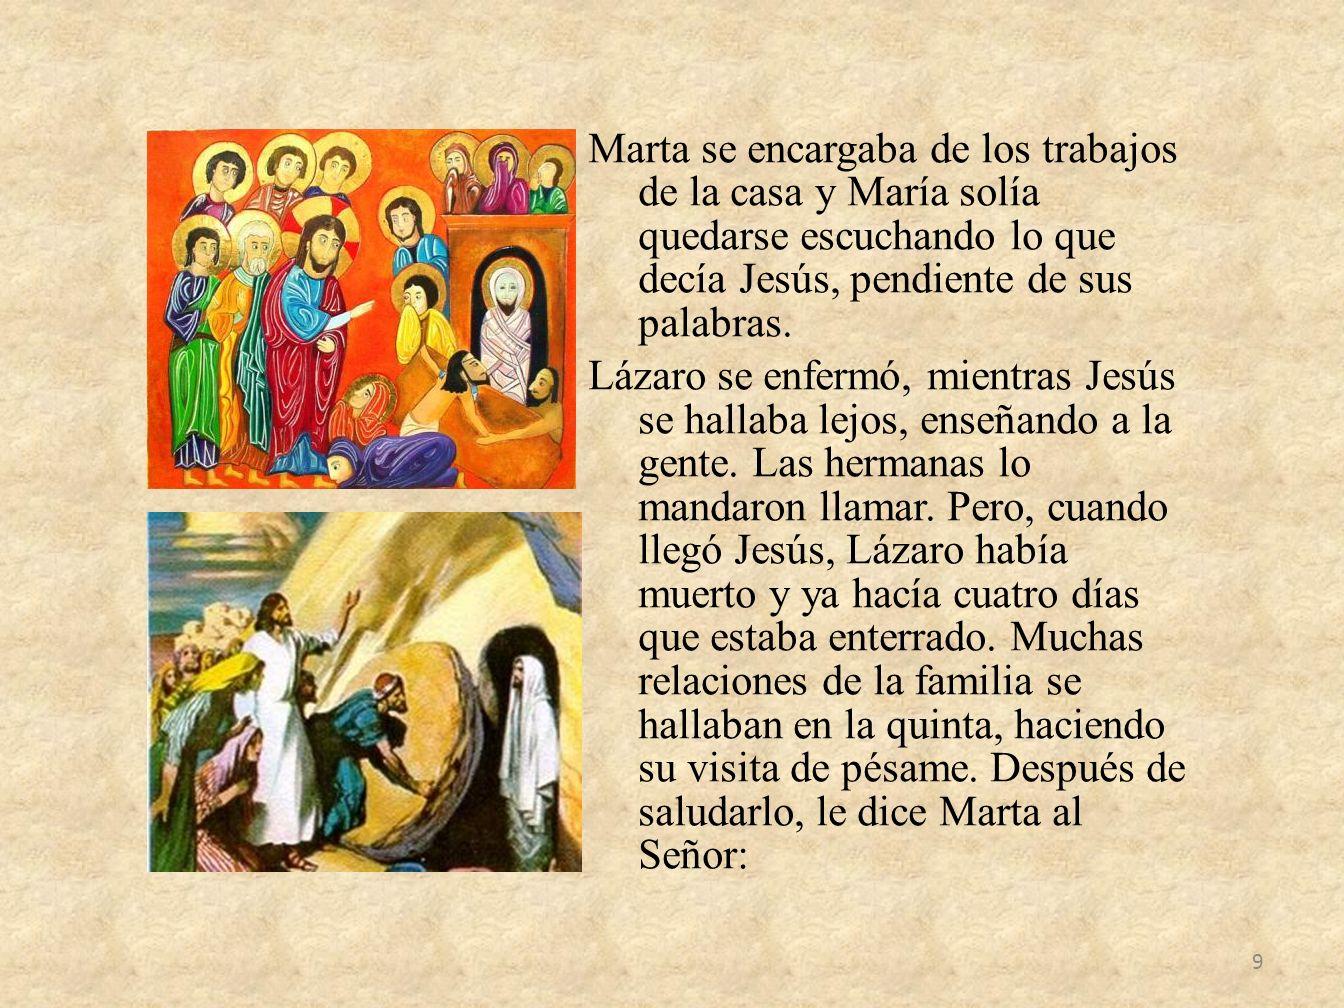 Marta se encargaba de los trabajos de la casa y María solía quedarse escuchando lo que decía Jesús, pendiente de sus palabras.